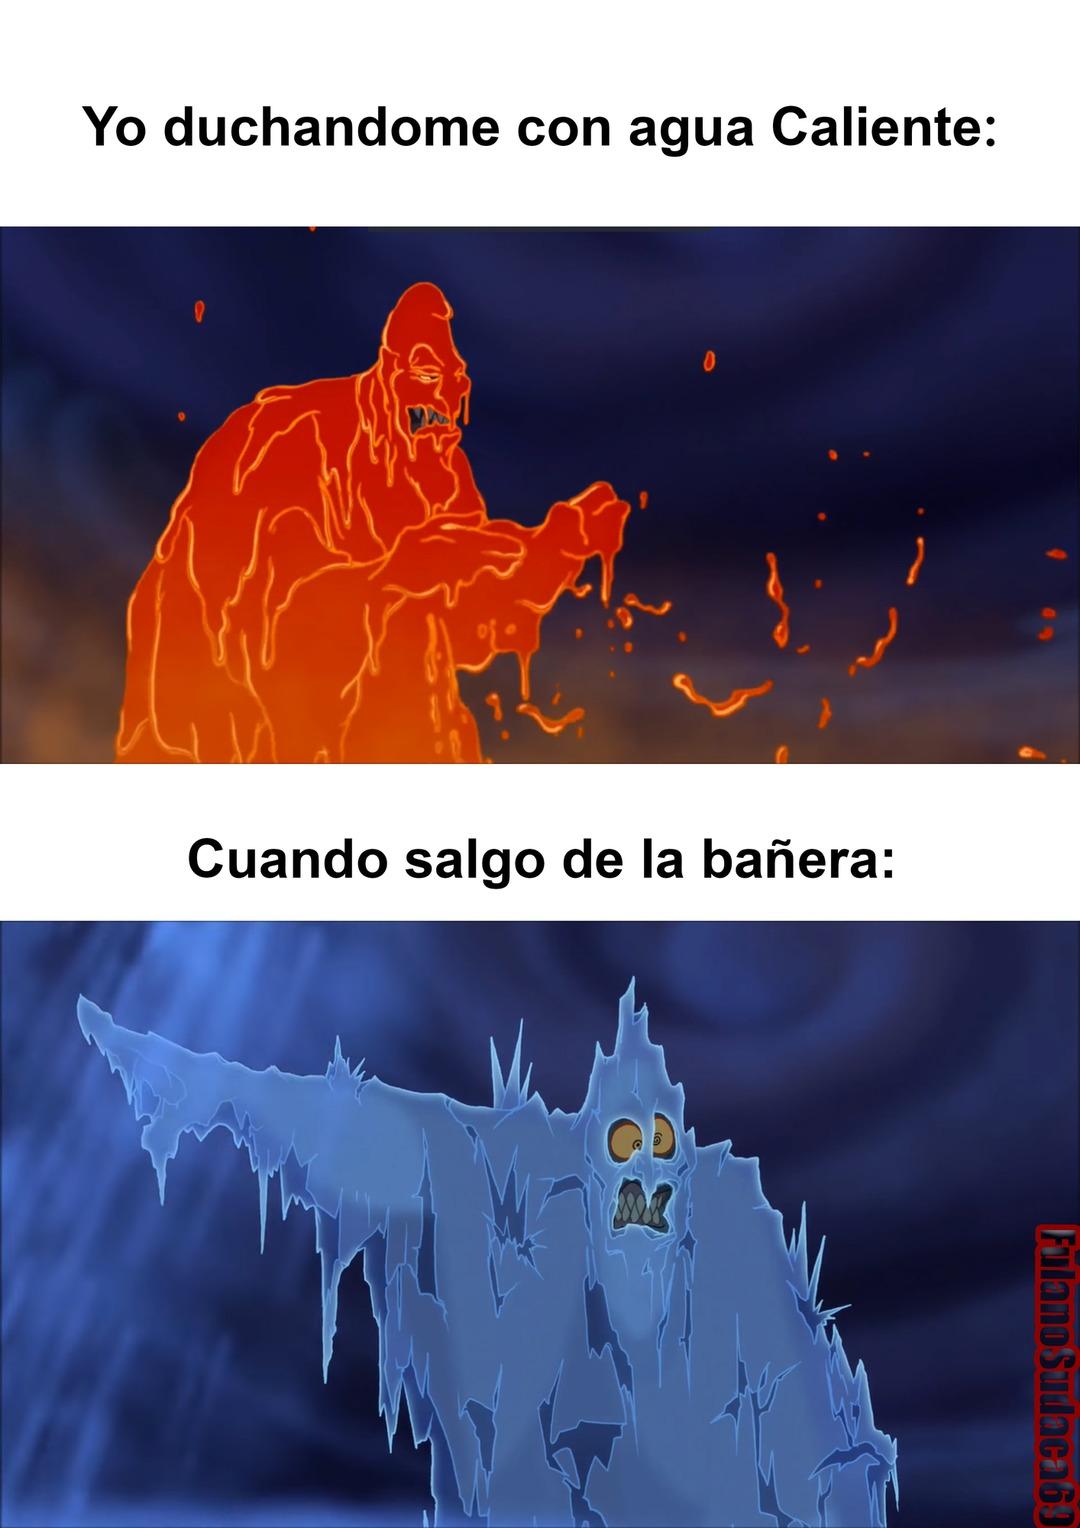 La Hipotermia post-ducha - meme